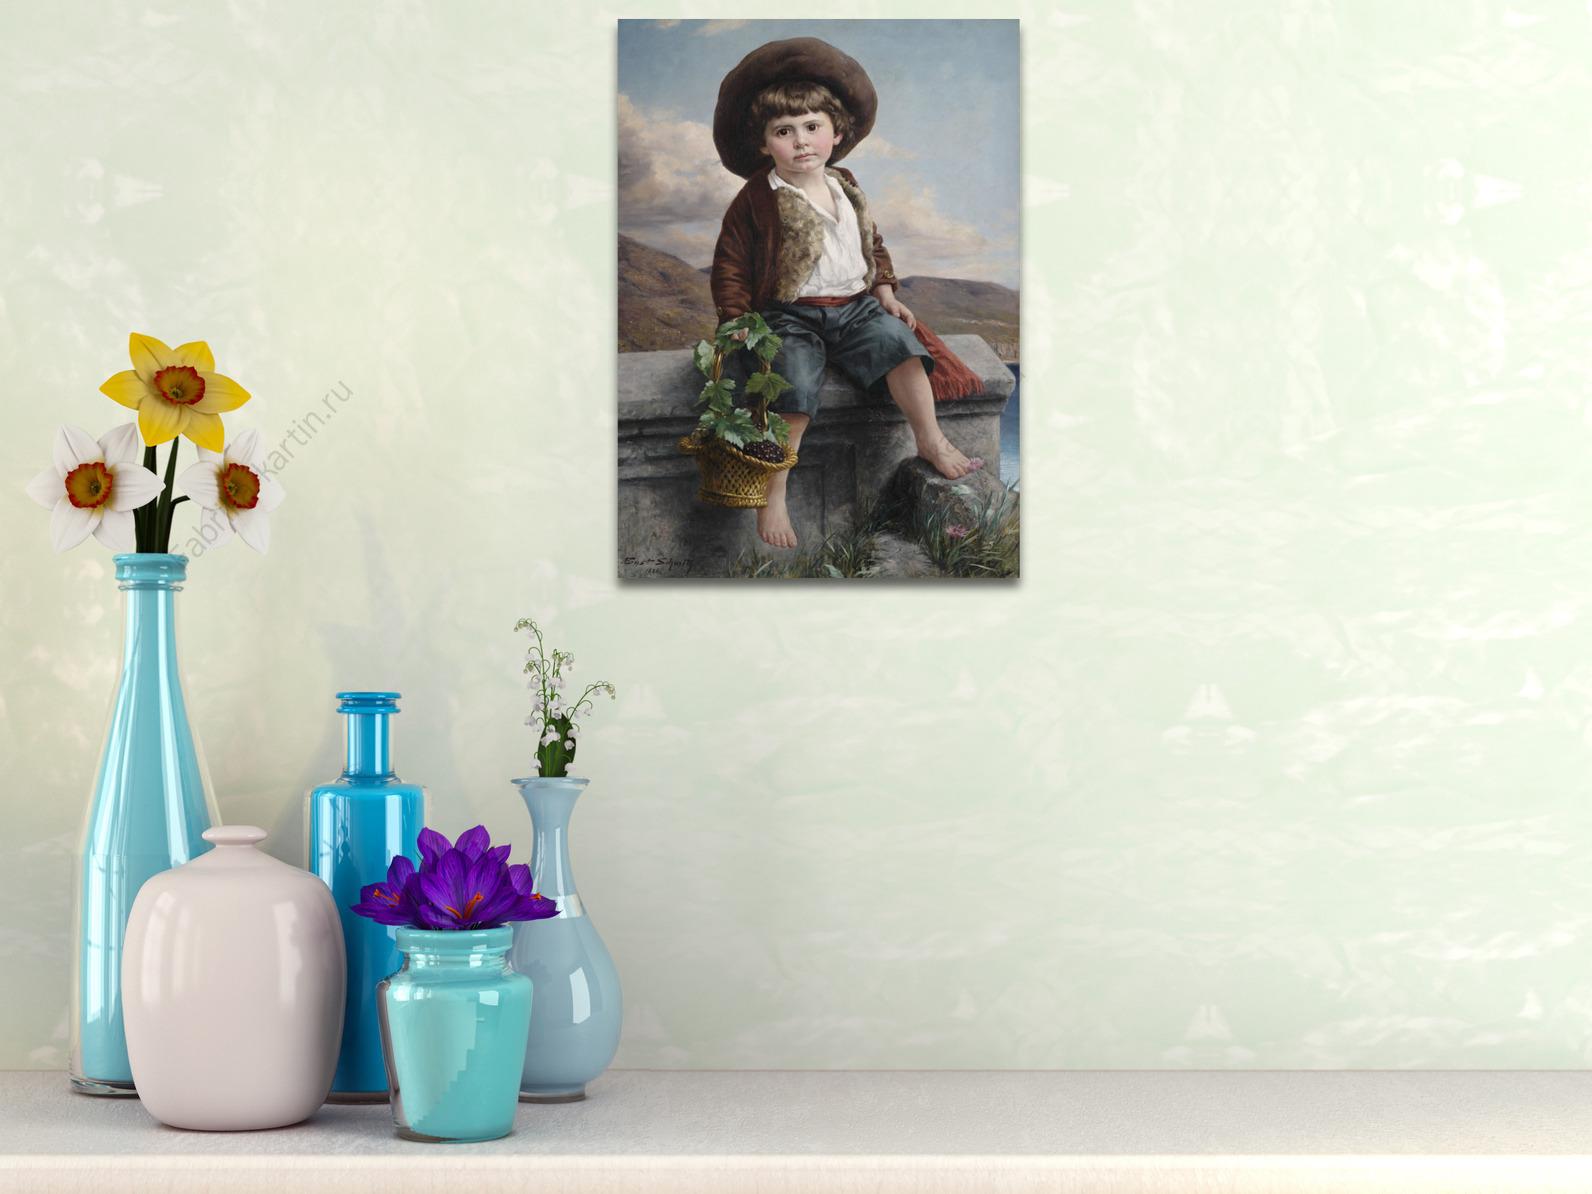 Краски мальчик с открытке 154